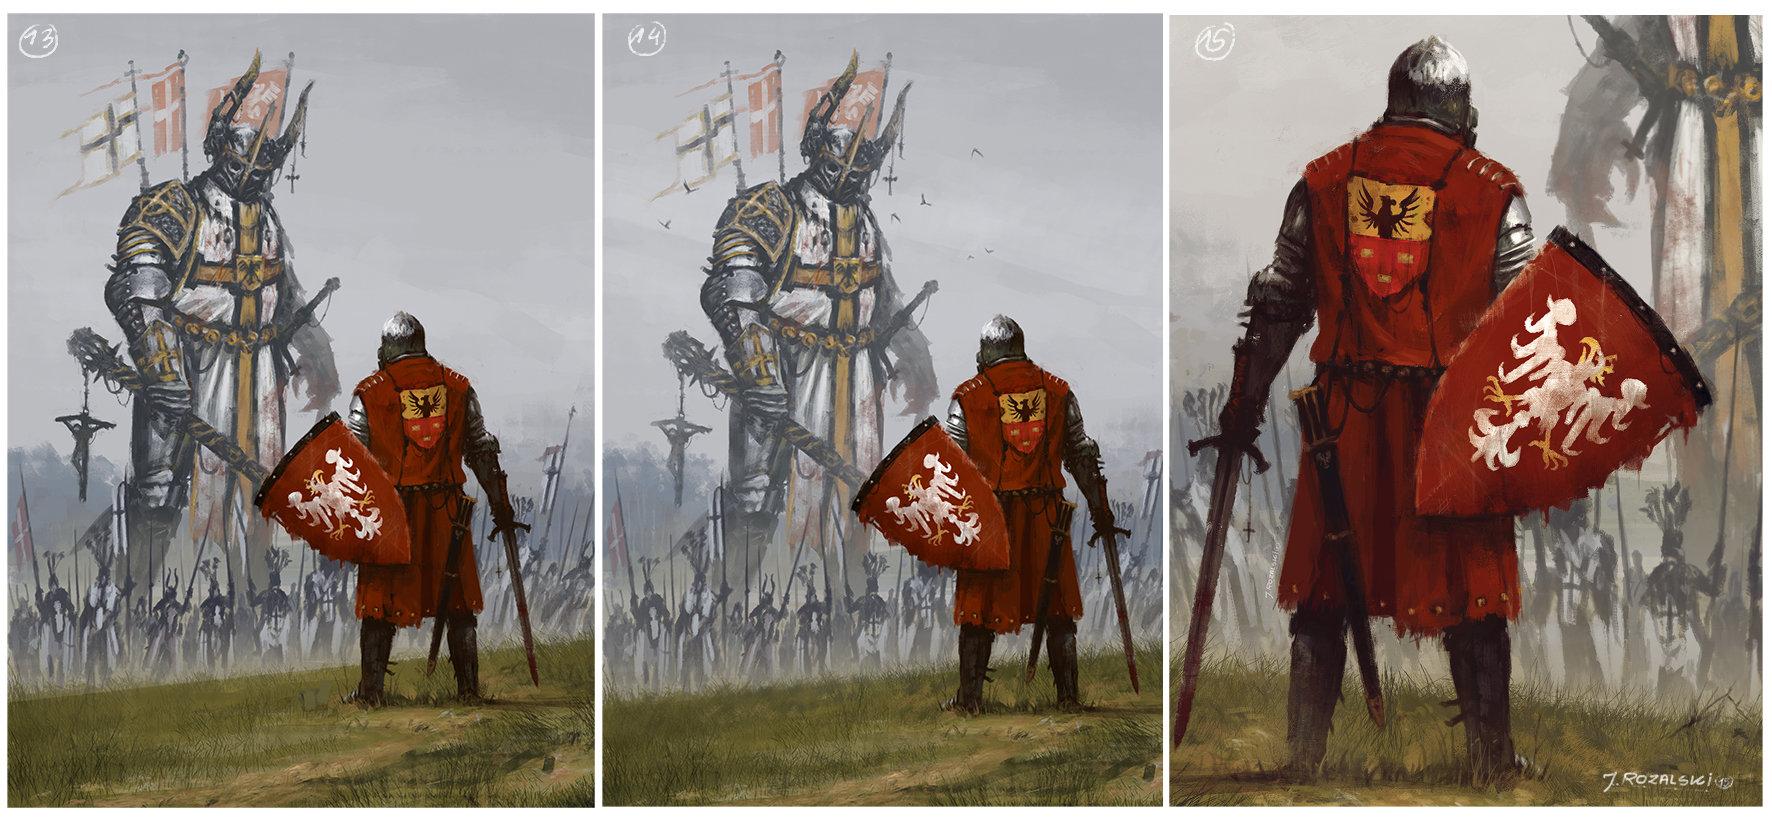 Jakub rozalski 1410 process 05